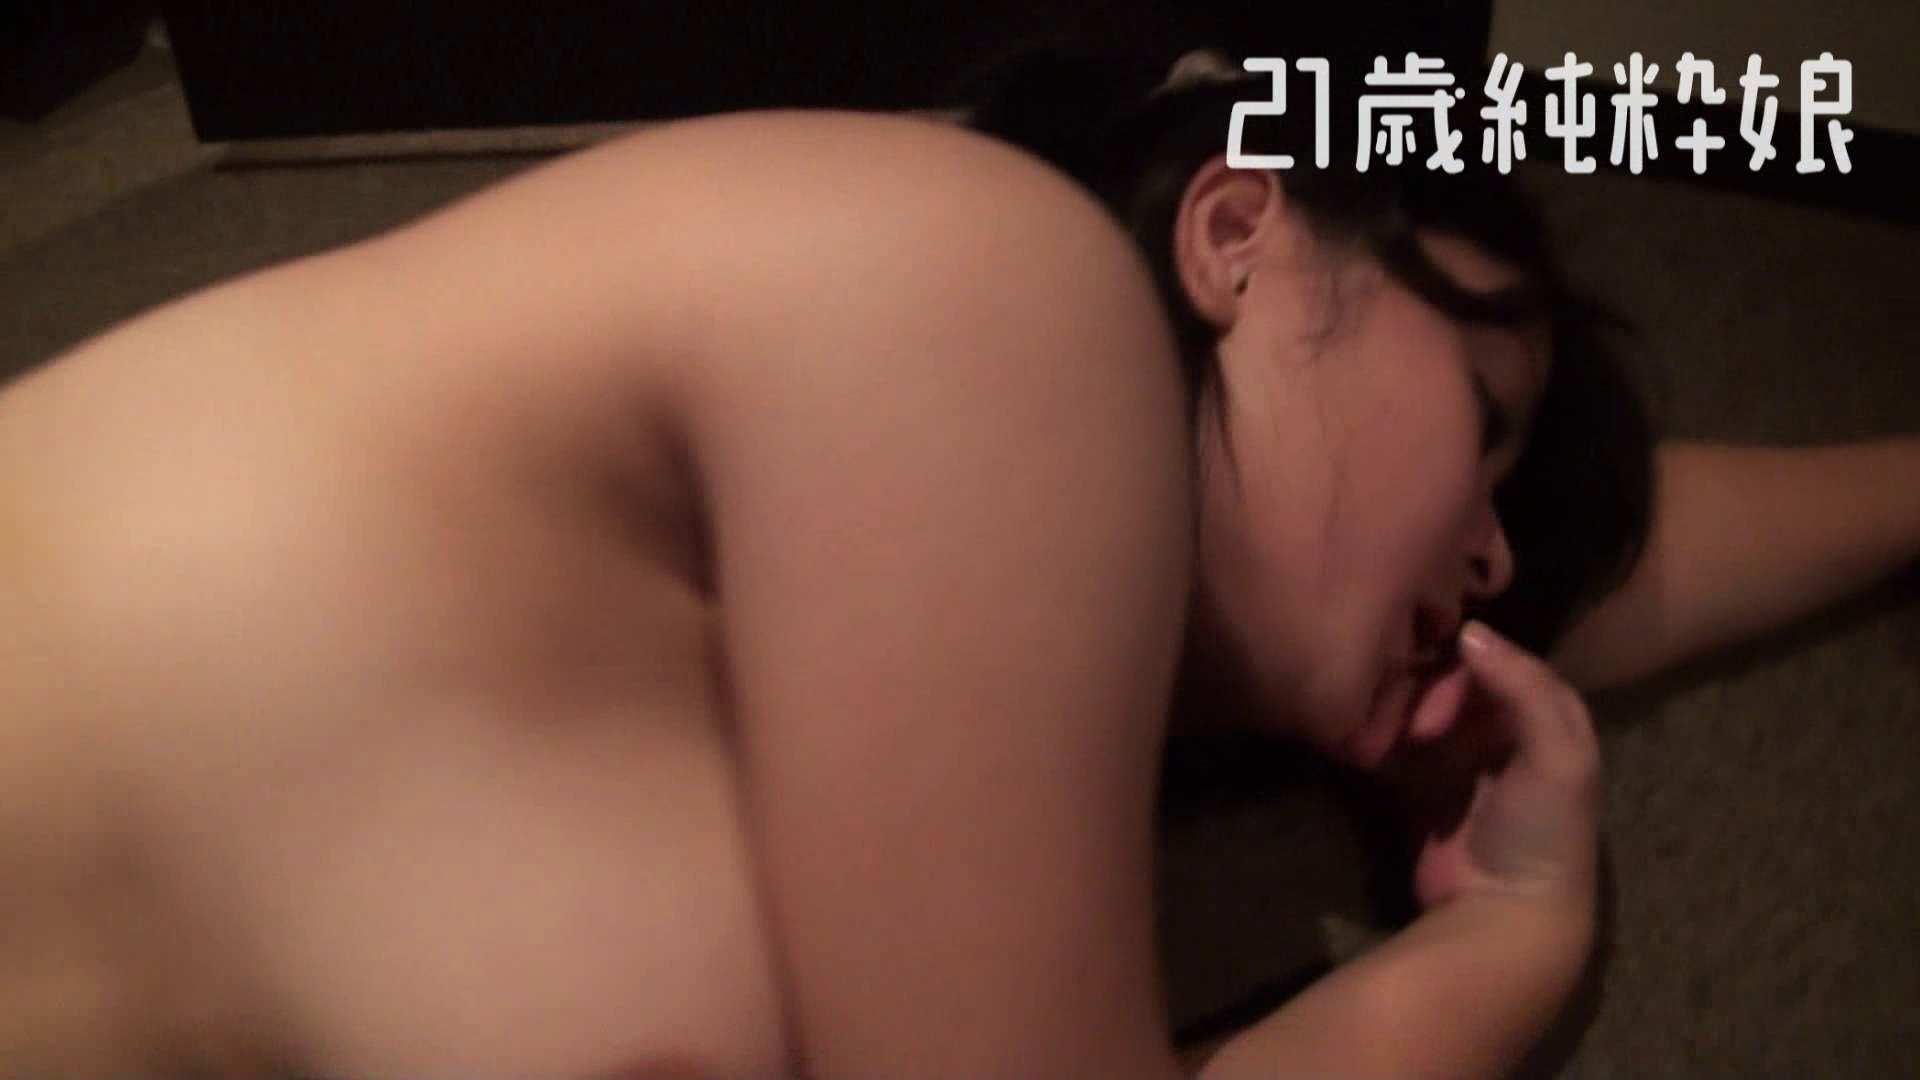 上京したばかりのGカップ21歳純粋嬢を都合の良い女にしてみた2 中出し えろ無修正画像 102pic 67